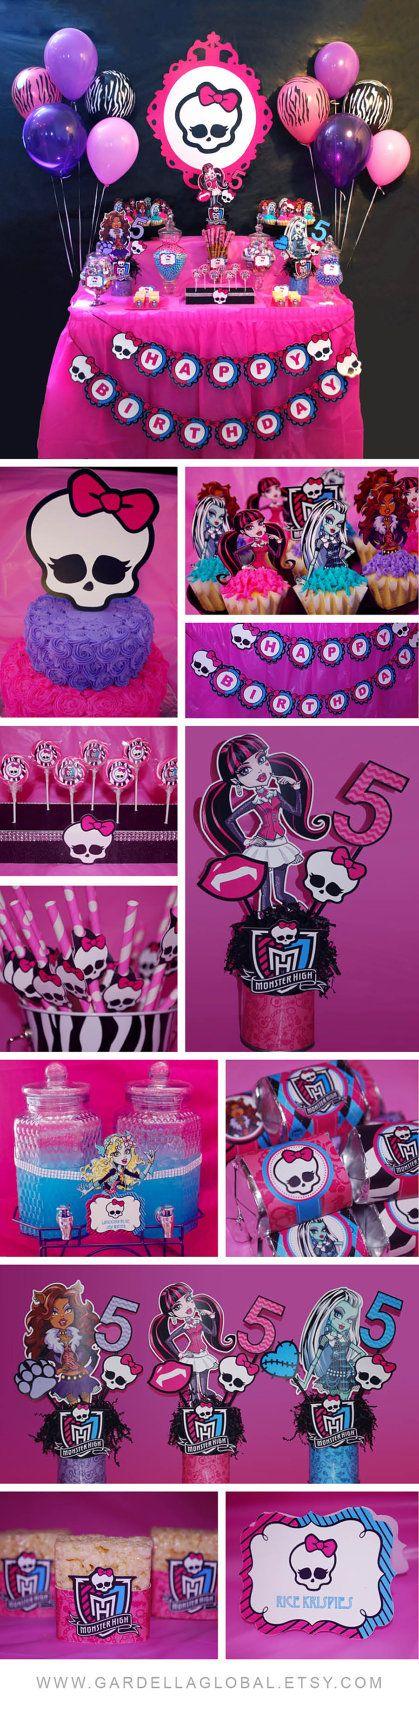 Monster High Invitation Monster High invite por GardellaGlobal